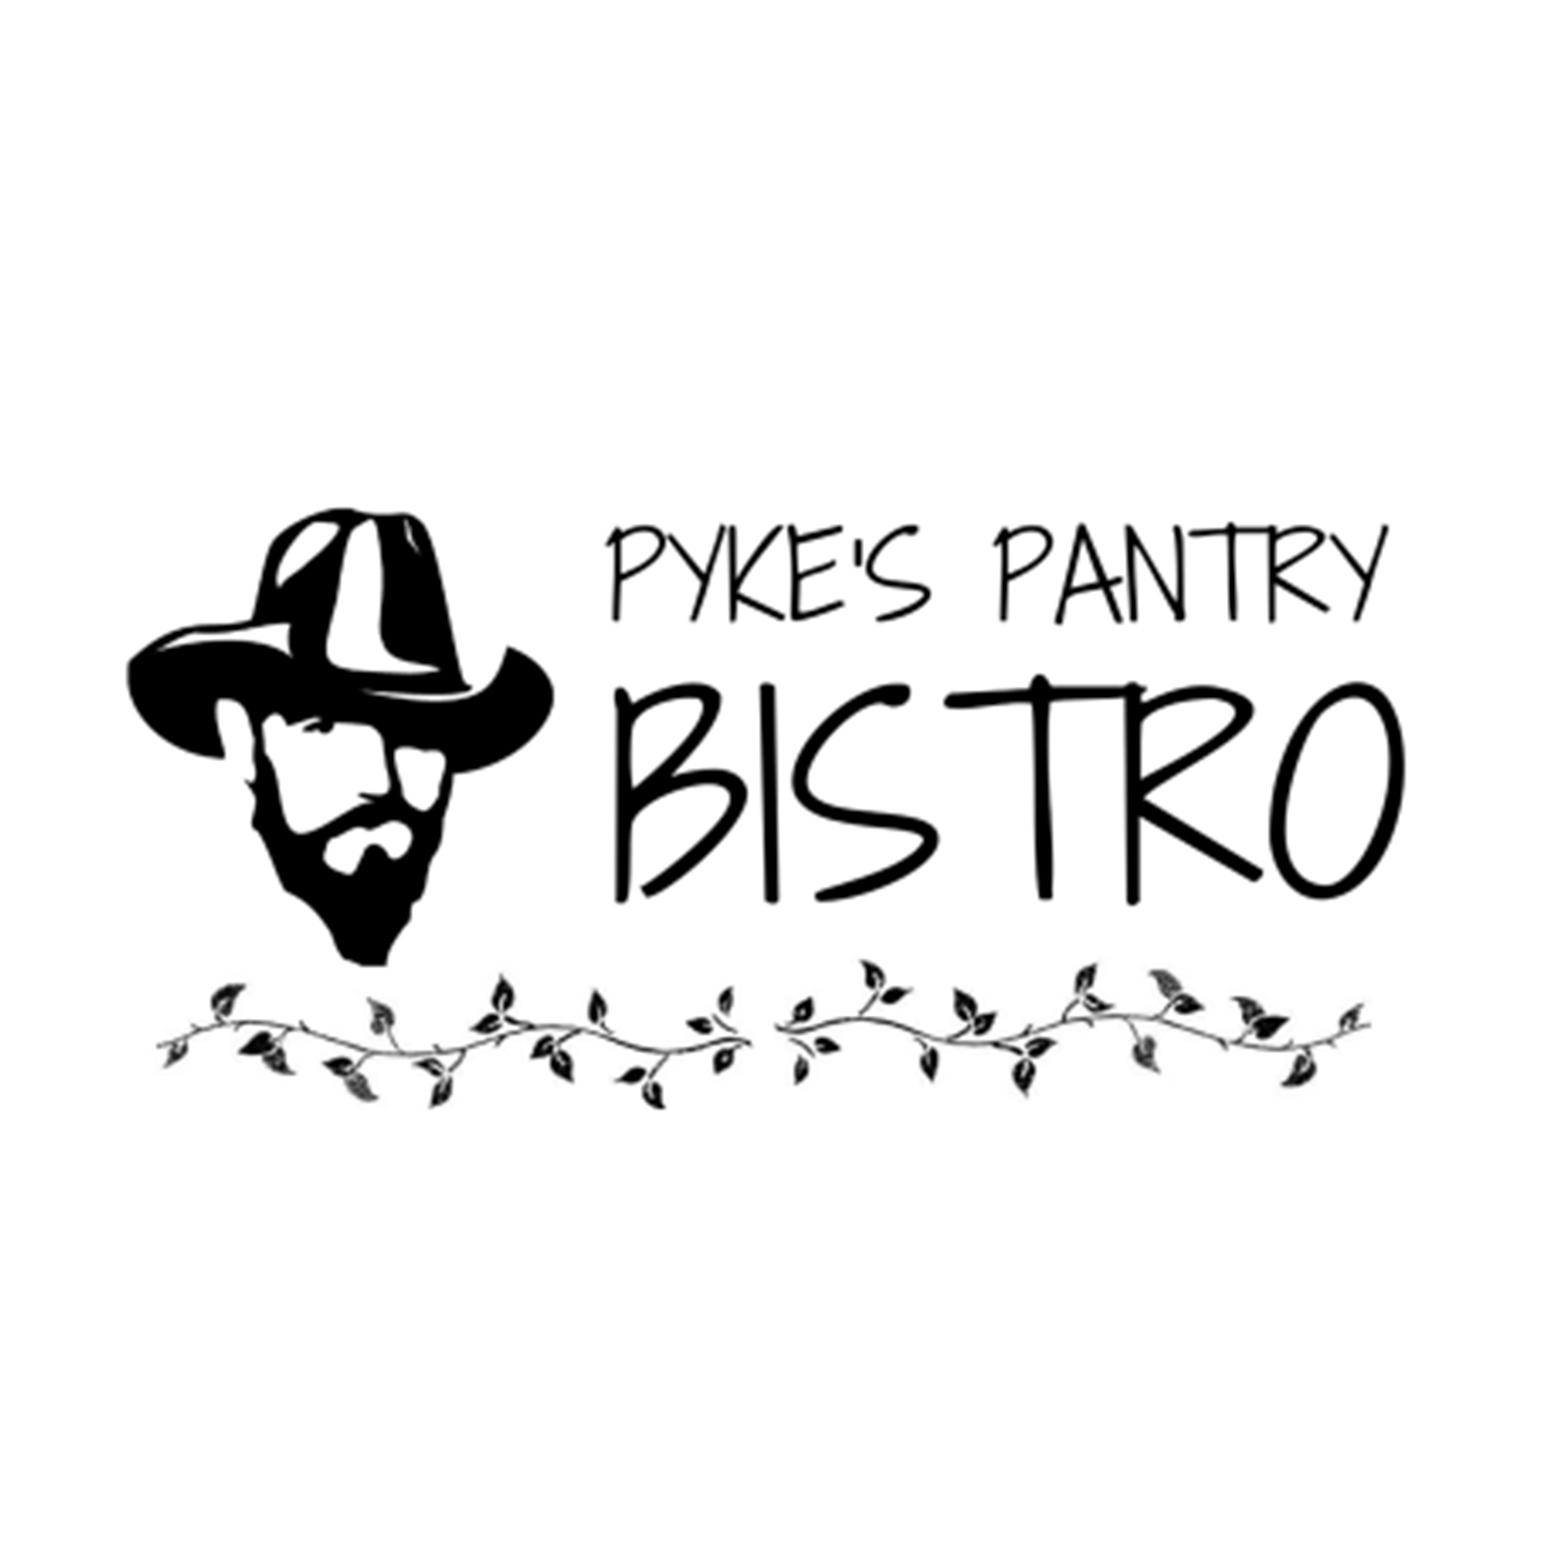 Pyke's Pantry Bistro